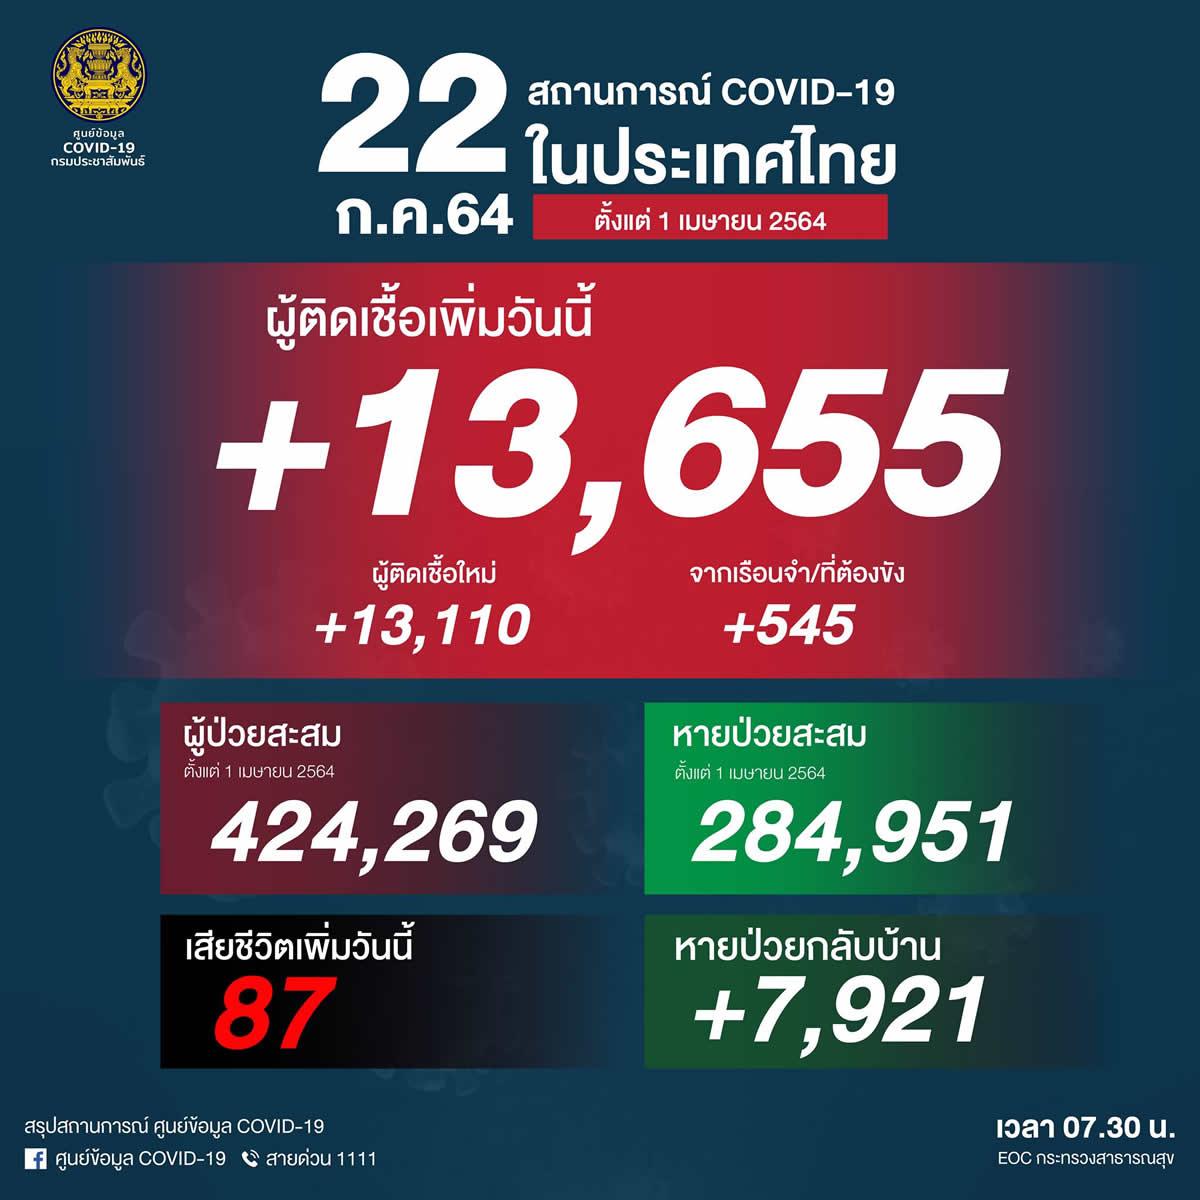 タイタイ過去最多 13,655人陽性(刑務所545人)、87人死亡[2021/7/22]